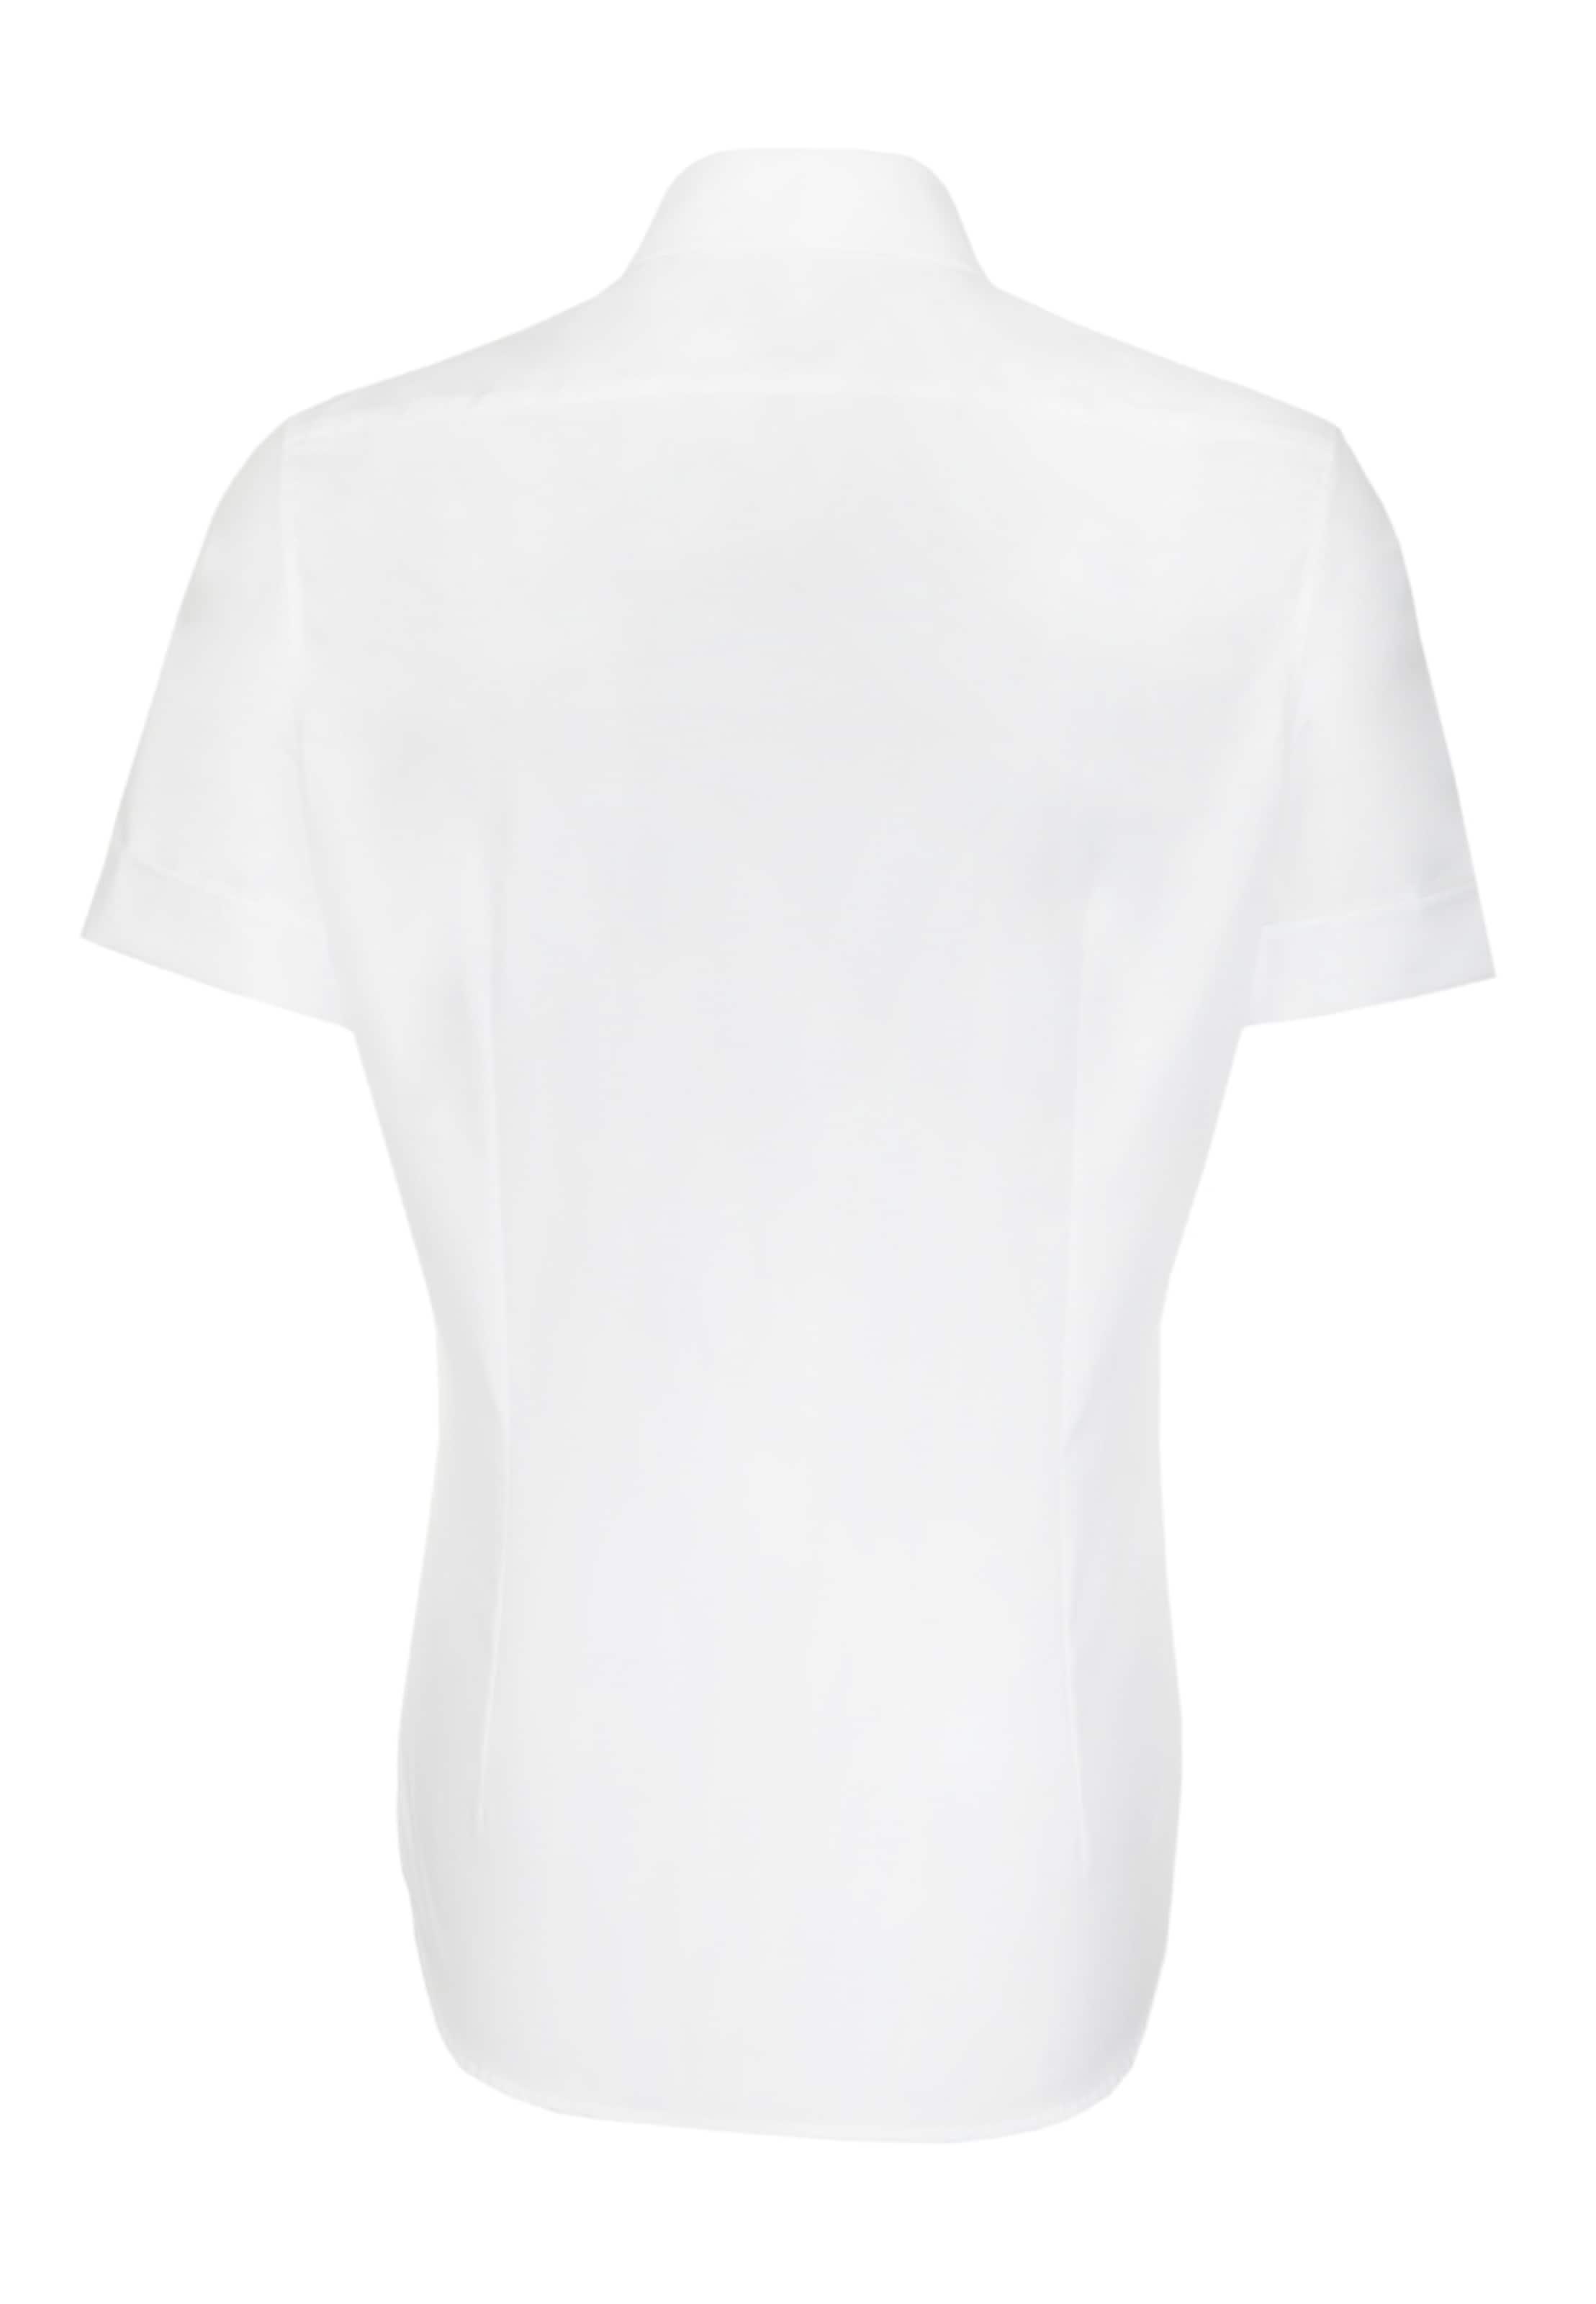 Professionelle Günstig Online 100% Authentisch Verkauf Online SEIDENSTICKER City-Hemd 'Tailored' Spielraum Breite Palette Von Günstiges Shop-Angebot Wf0ko